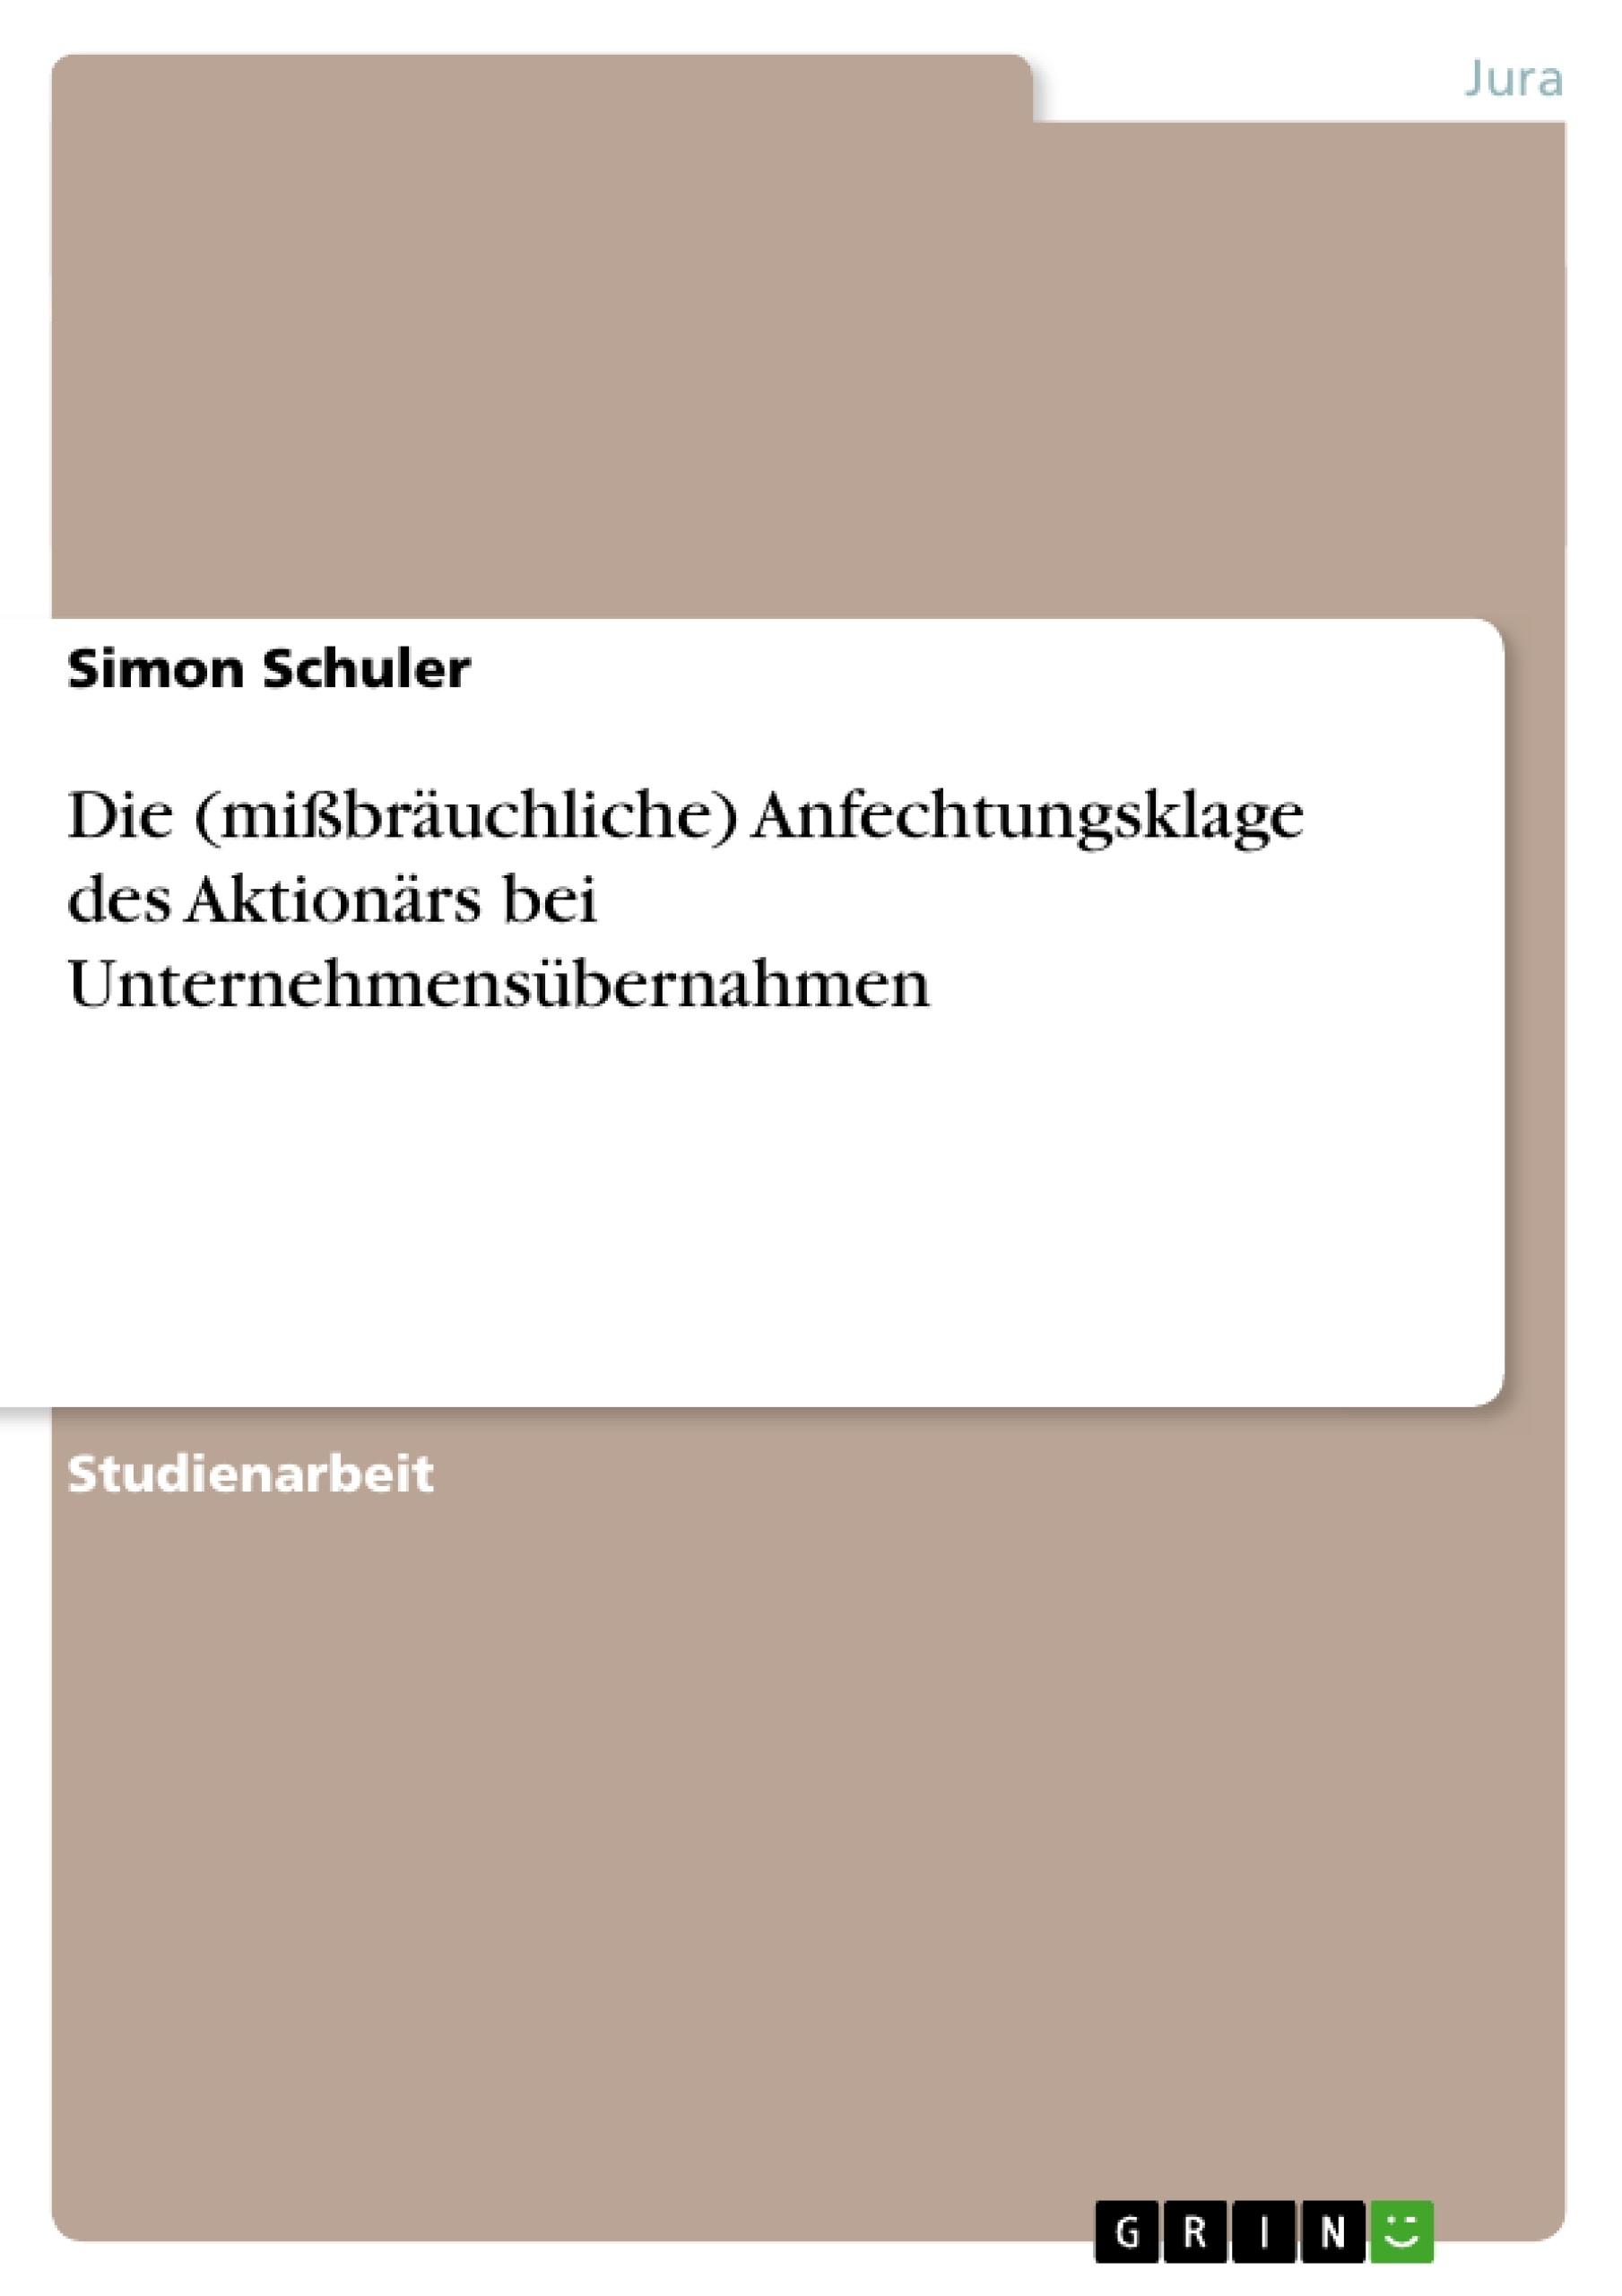 Titel: Die (mißbräuchliche) Anfechtungsklage des Aktionärs bei Unternehmensübernahmen